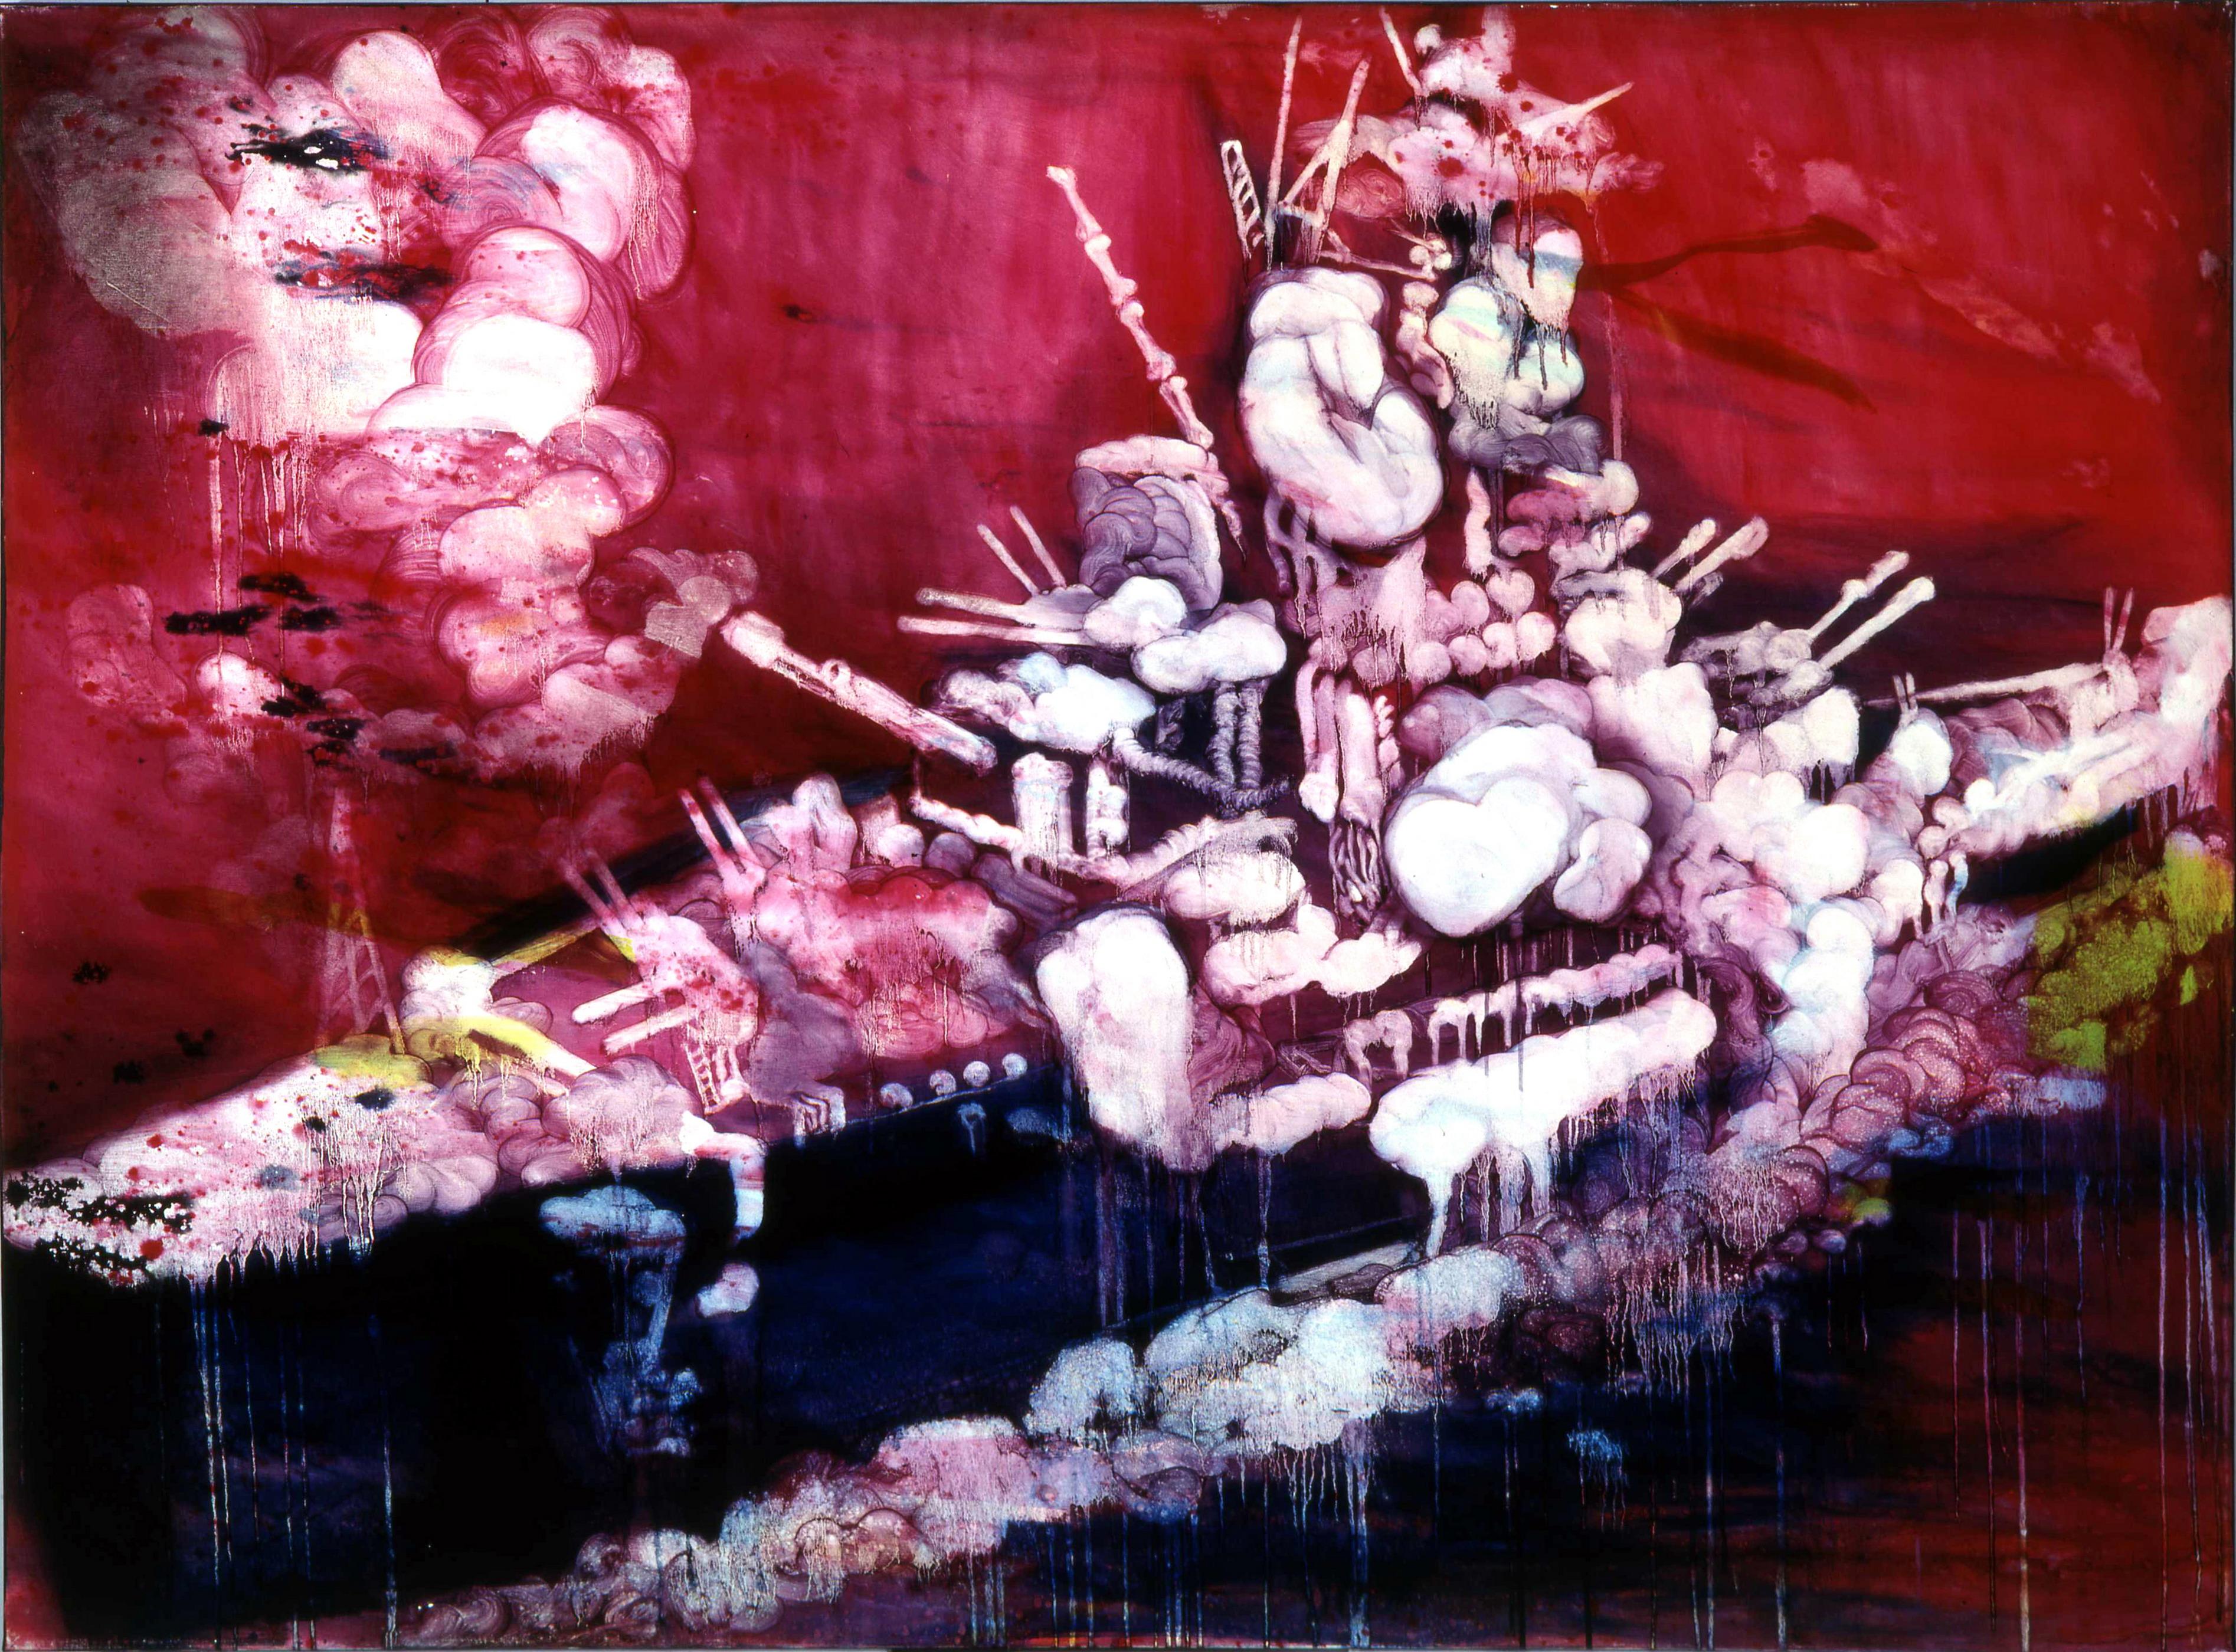 常陵 五花肉系列-肉兵器-大戰艦 2006 油彩 145.5x195cm